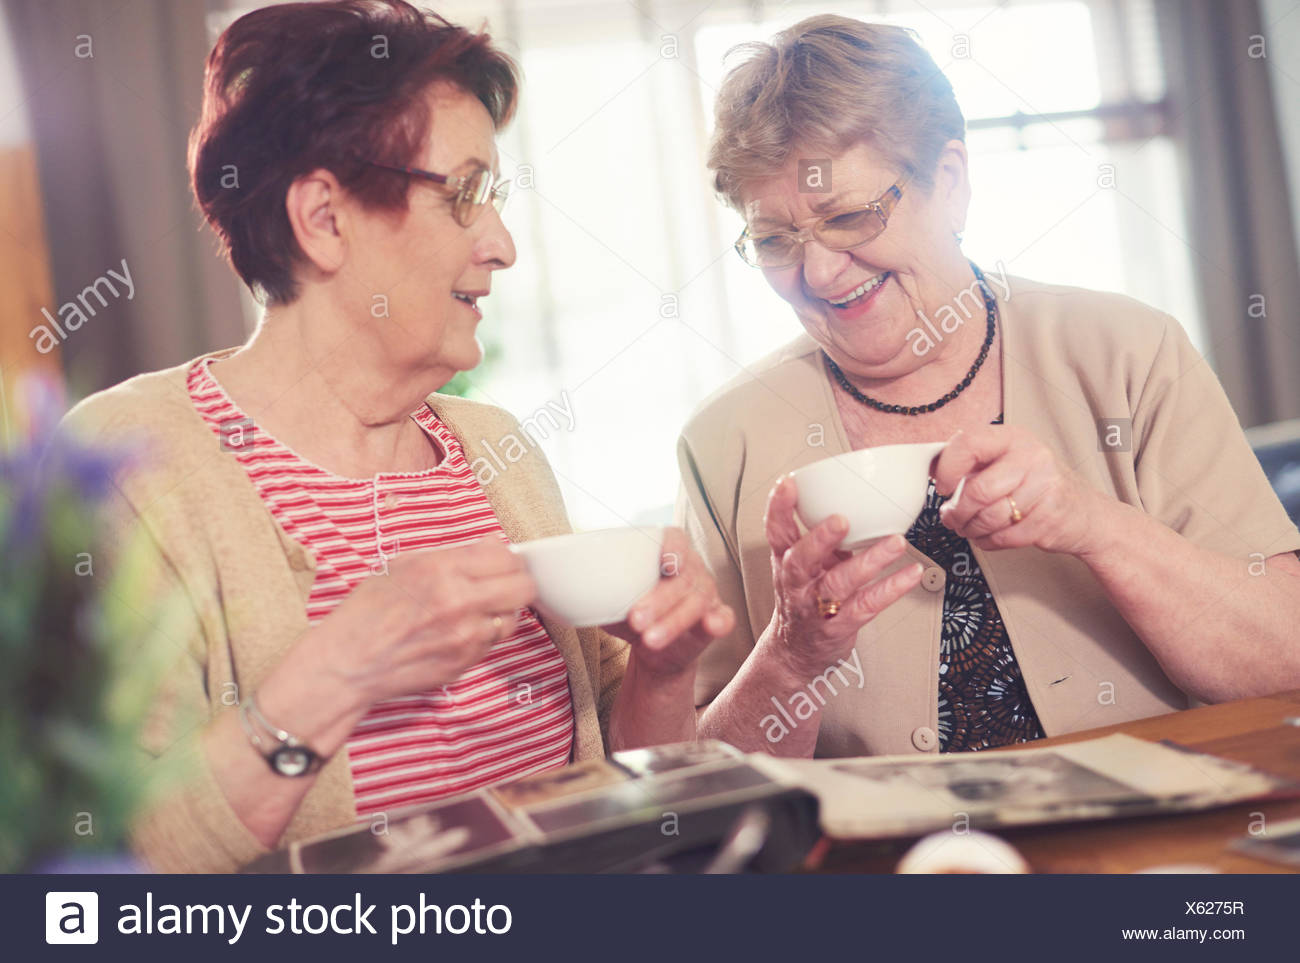 Dos mujeres mayores riendo mientras mira el álbum de fotos sobre la mesa Imagen De Stock